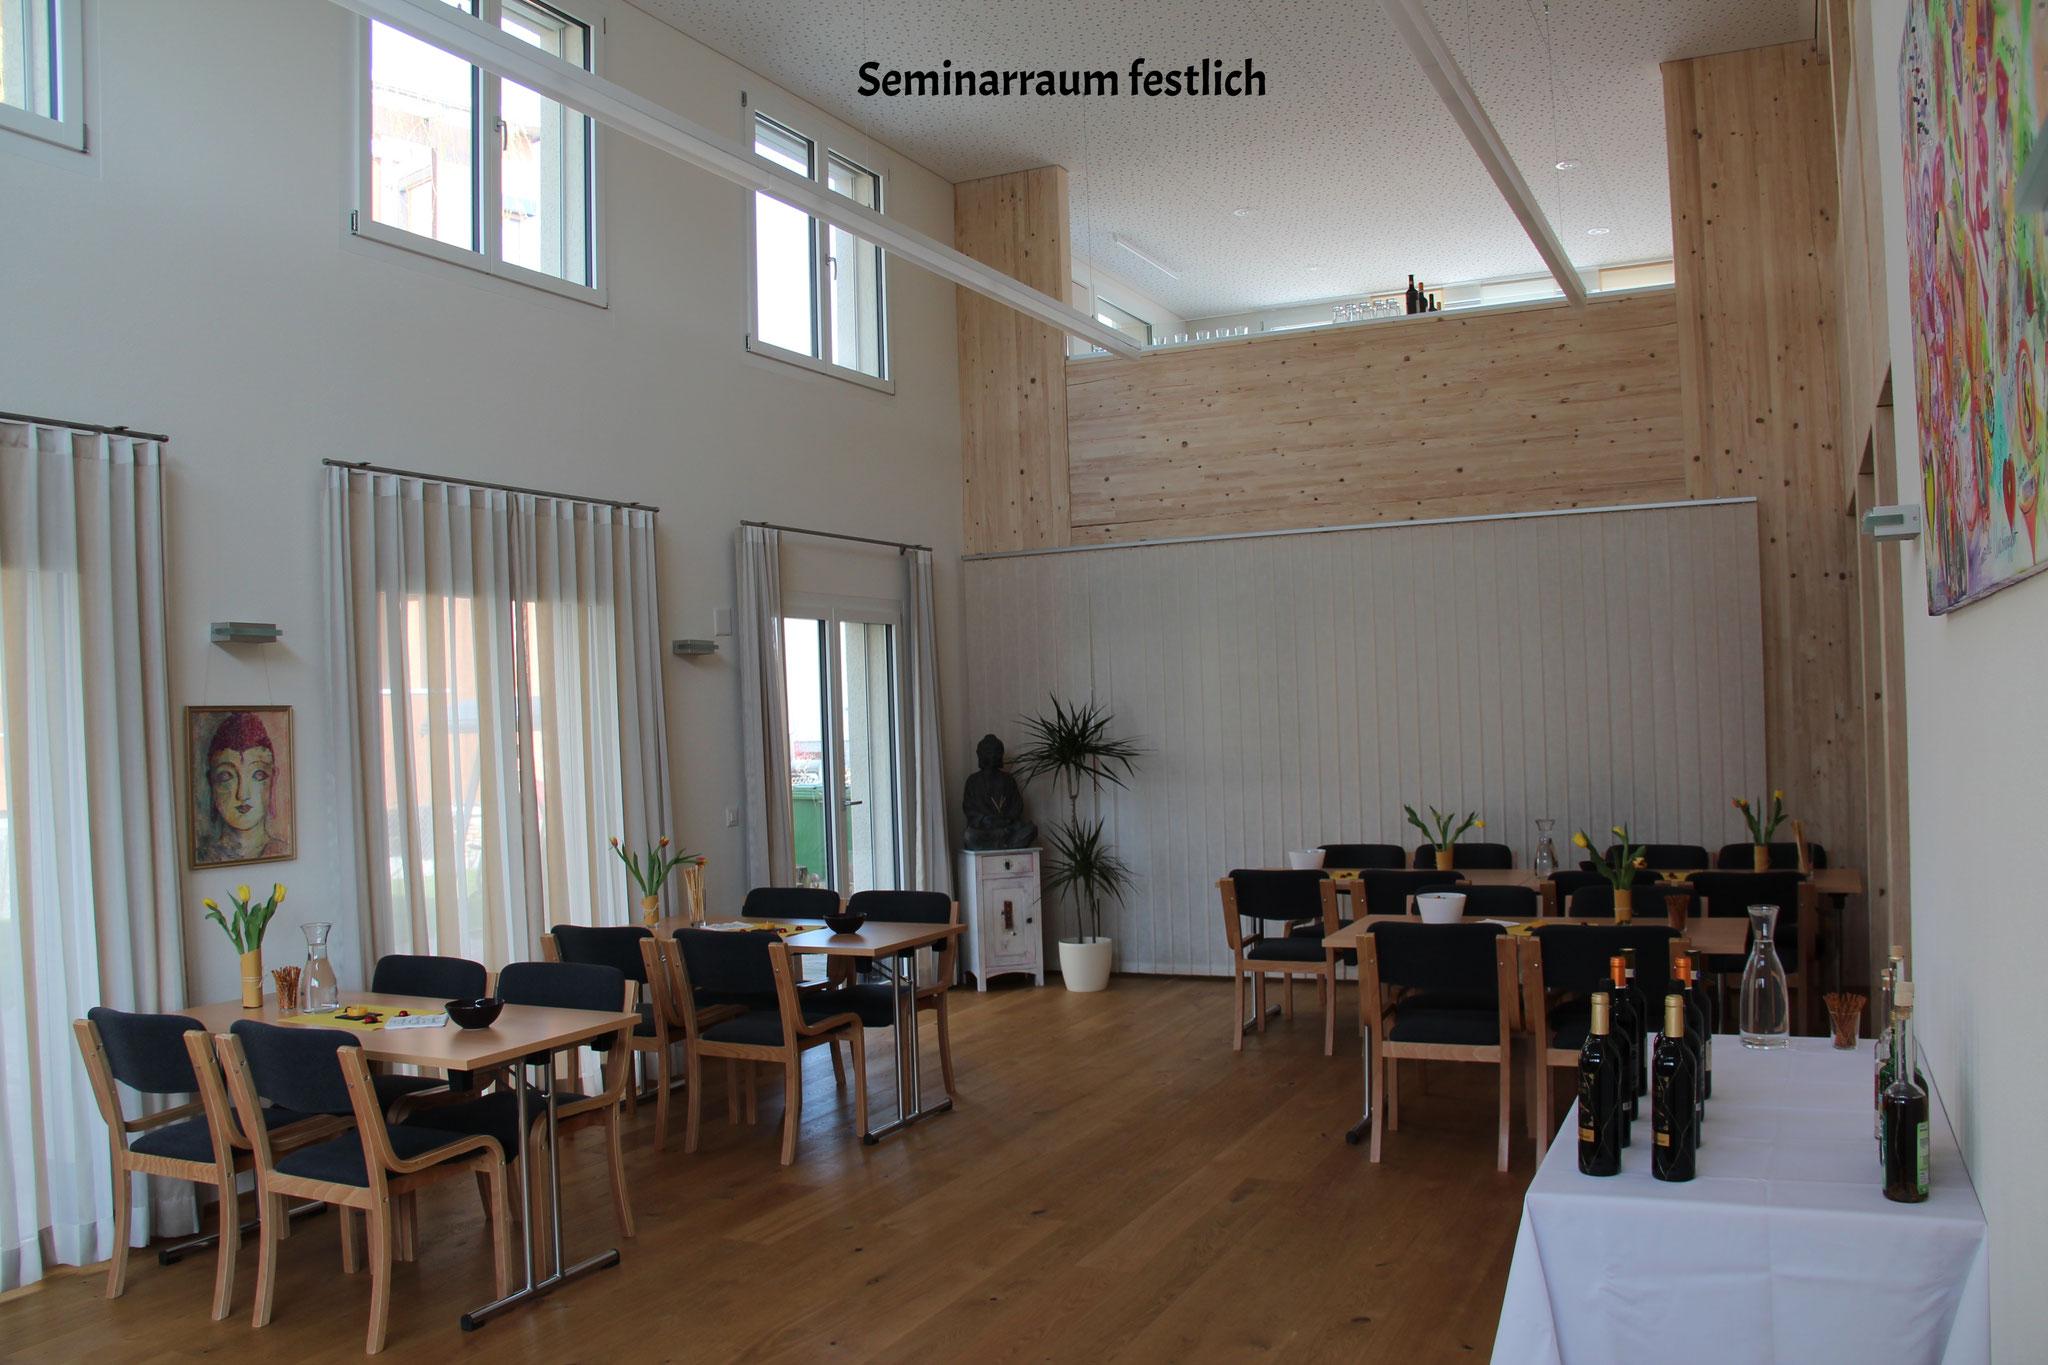 Seminarraum festlich